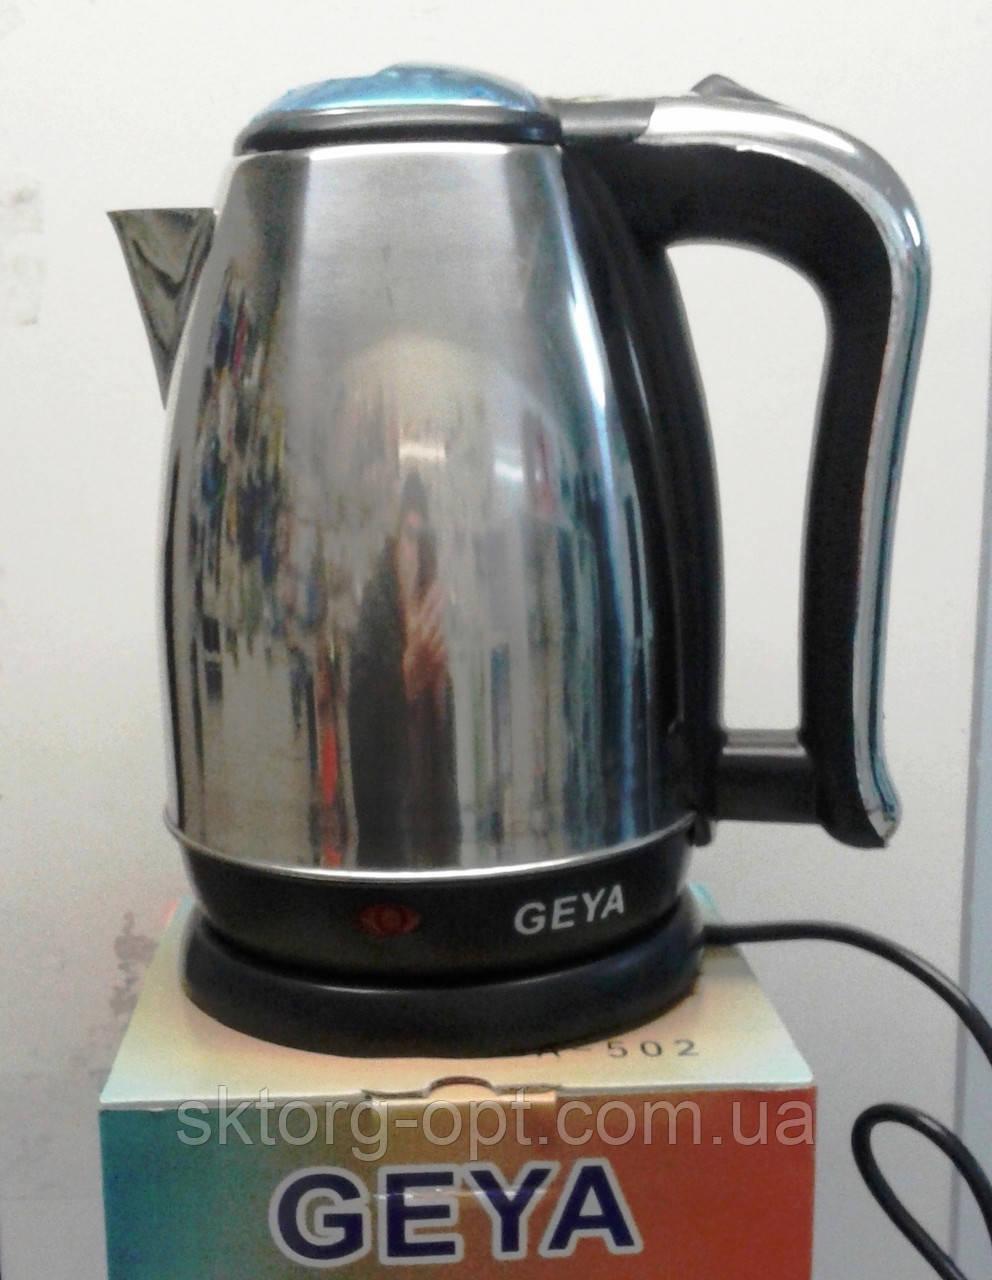 Электрочайник Geya GA-502